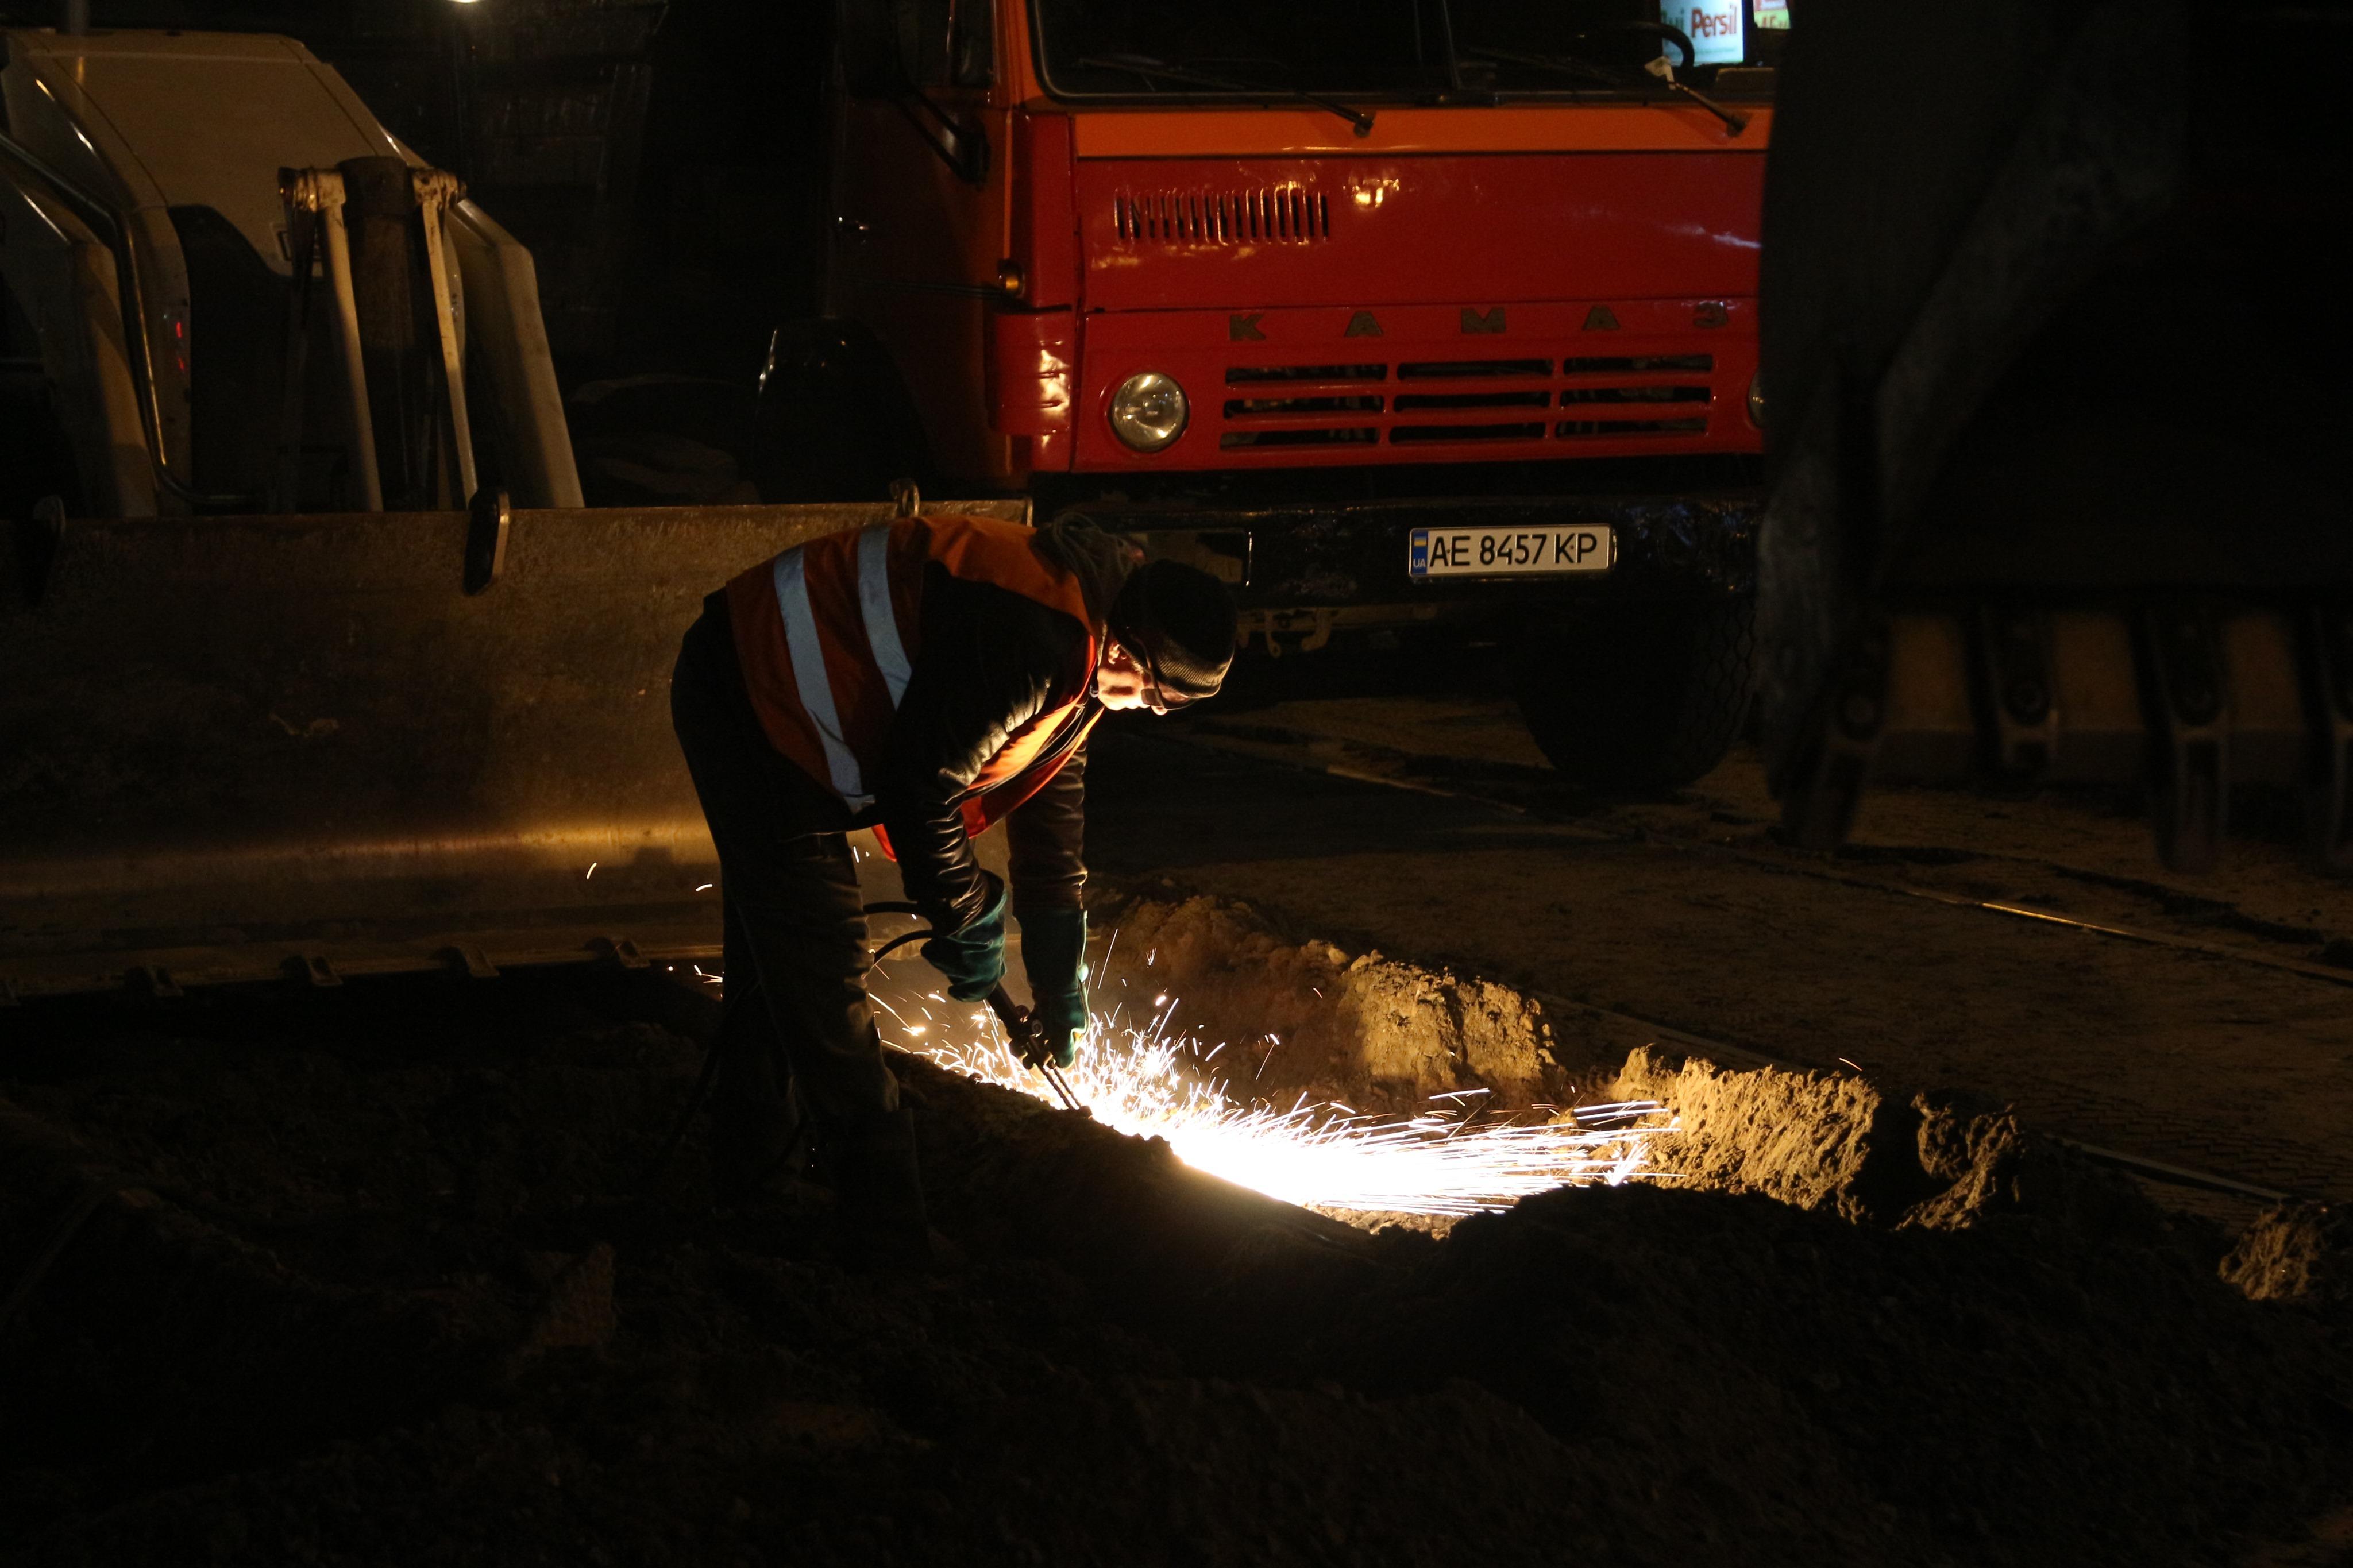 «Долгожданный ремонт»: в Днепре взялись за аварийные трамвайные колеи. Новости Днепра